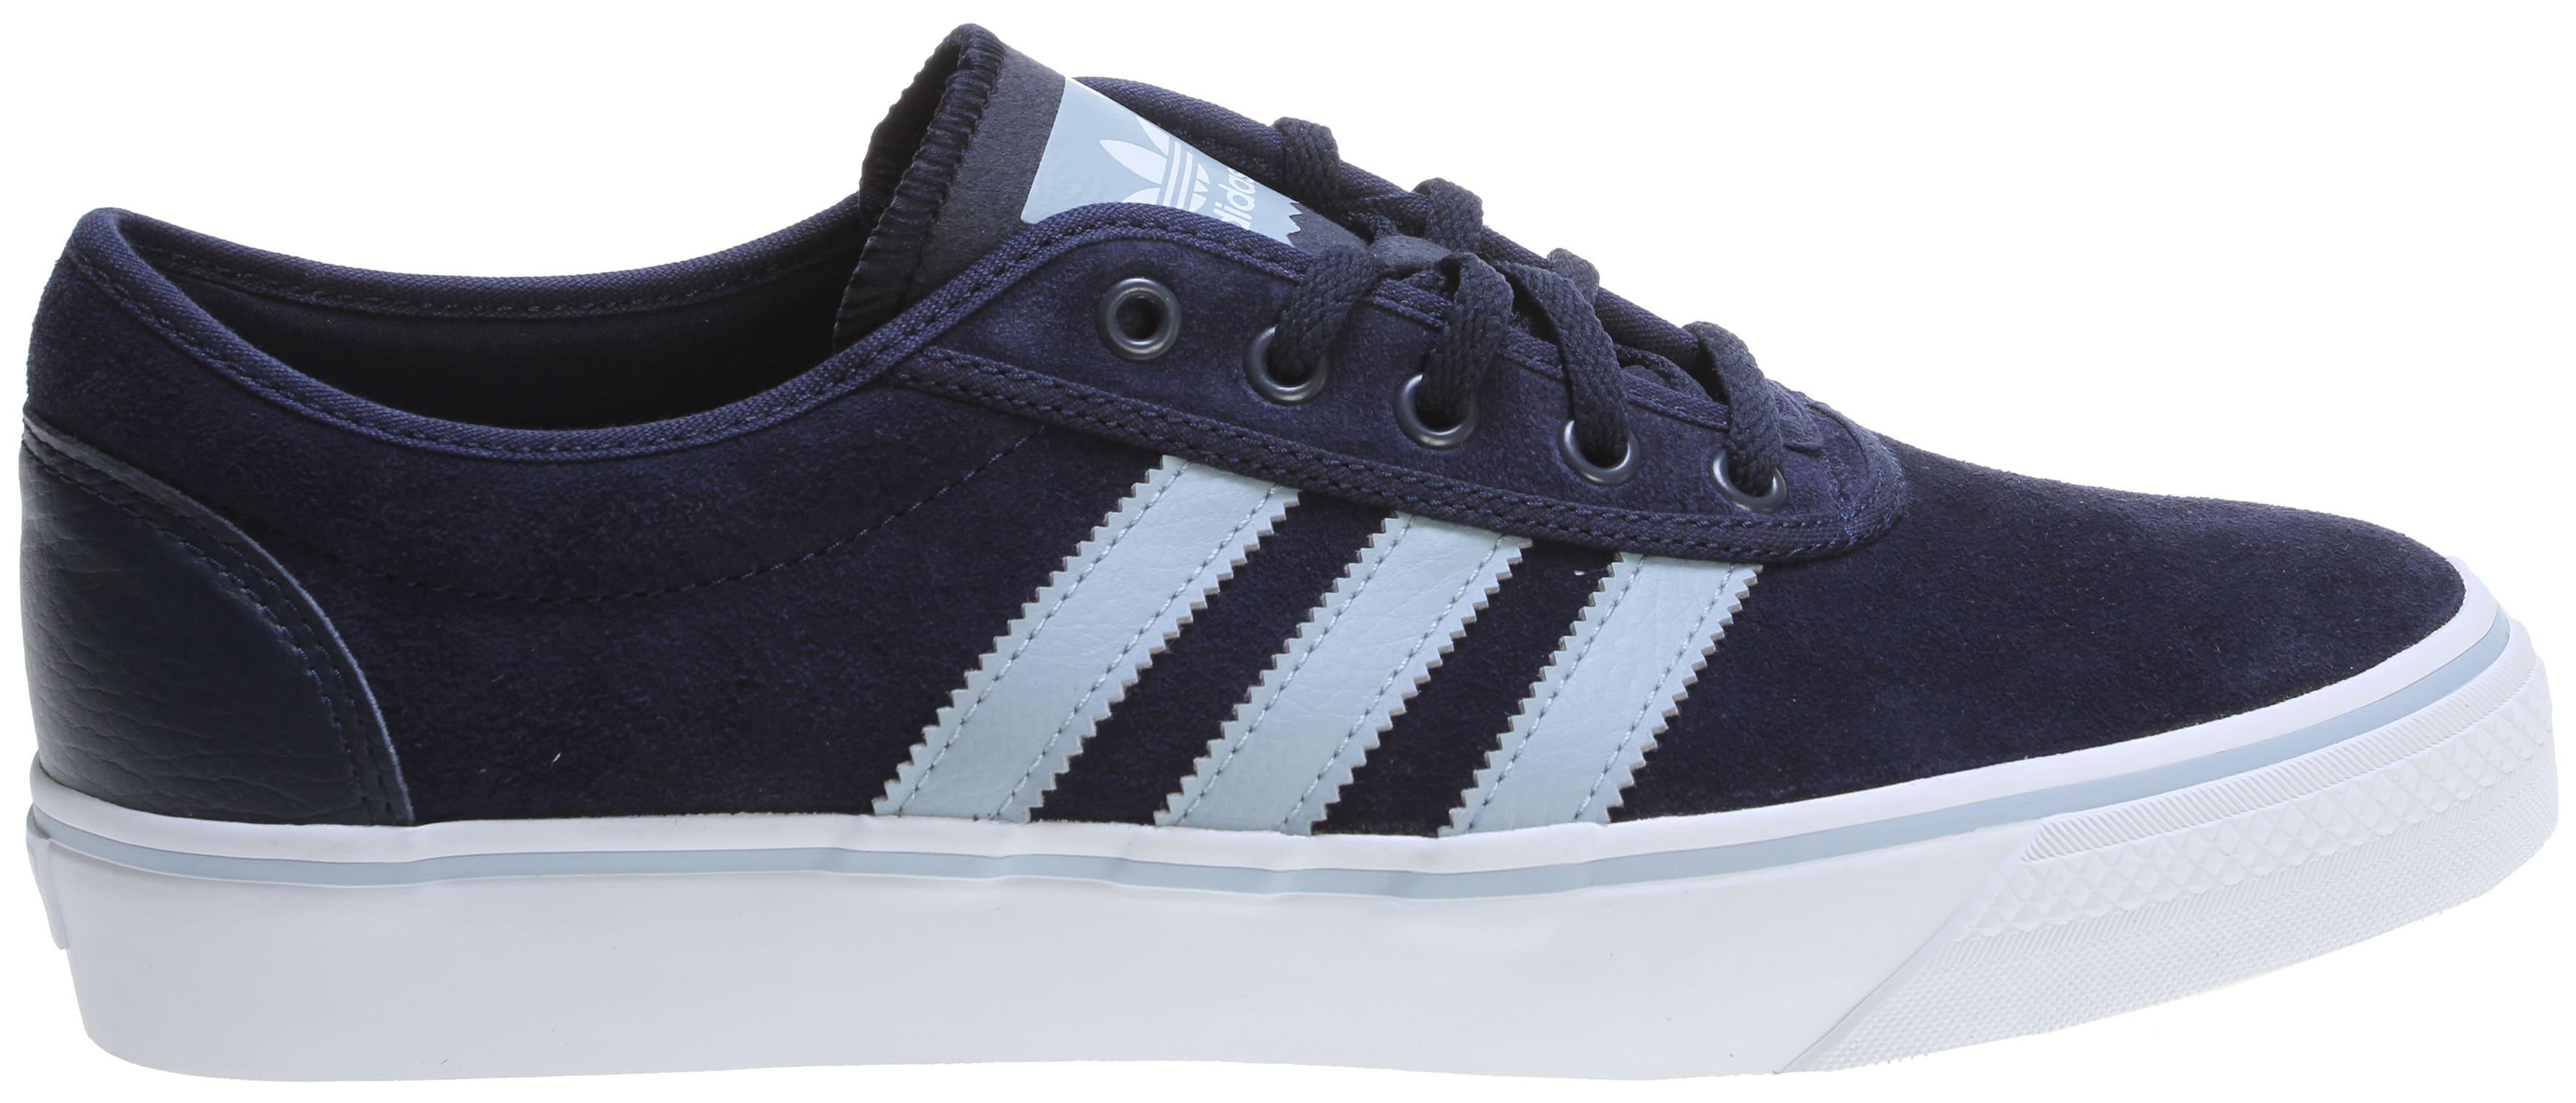 Adidas Adi-Ease Skate Shoes - thumbnail 1